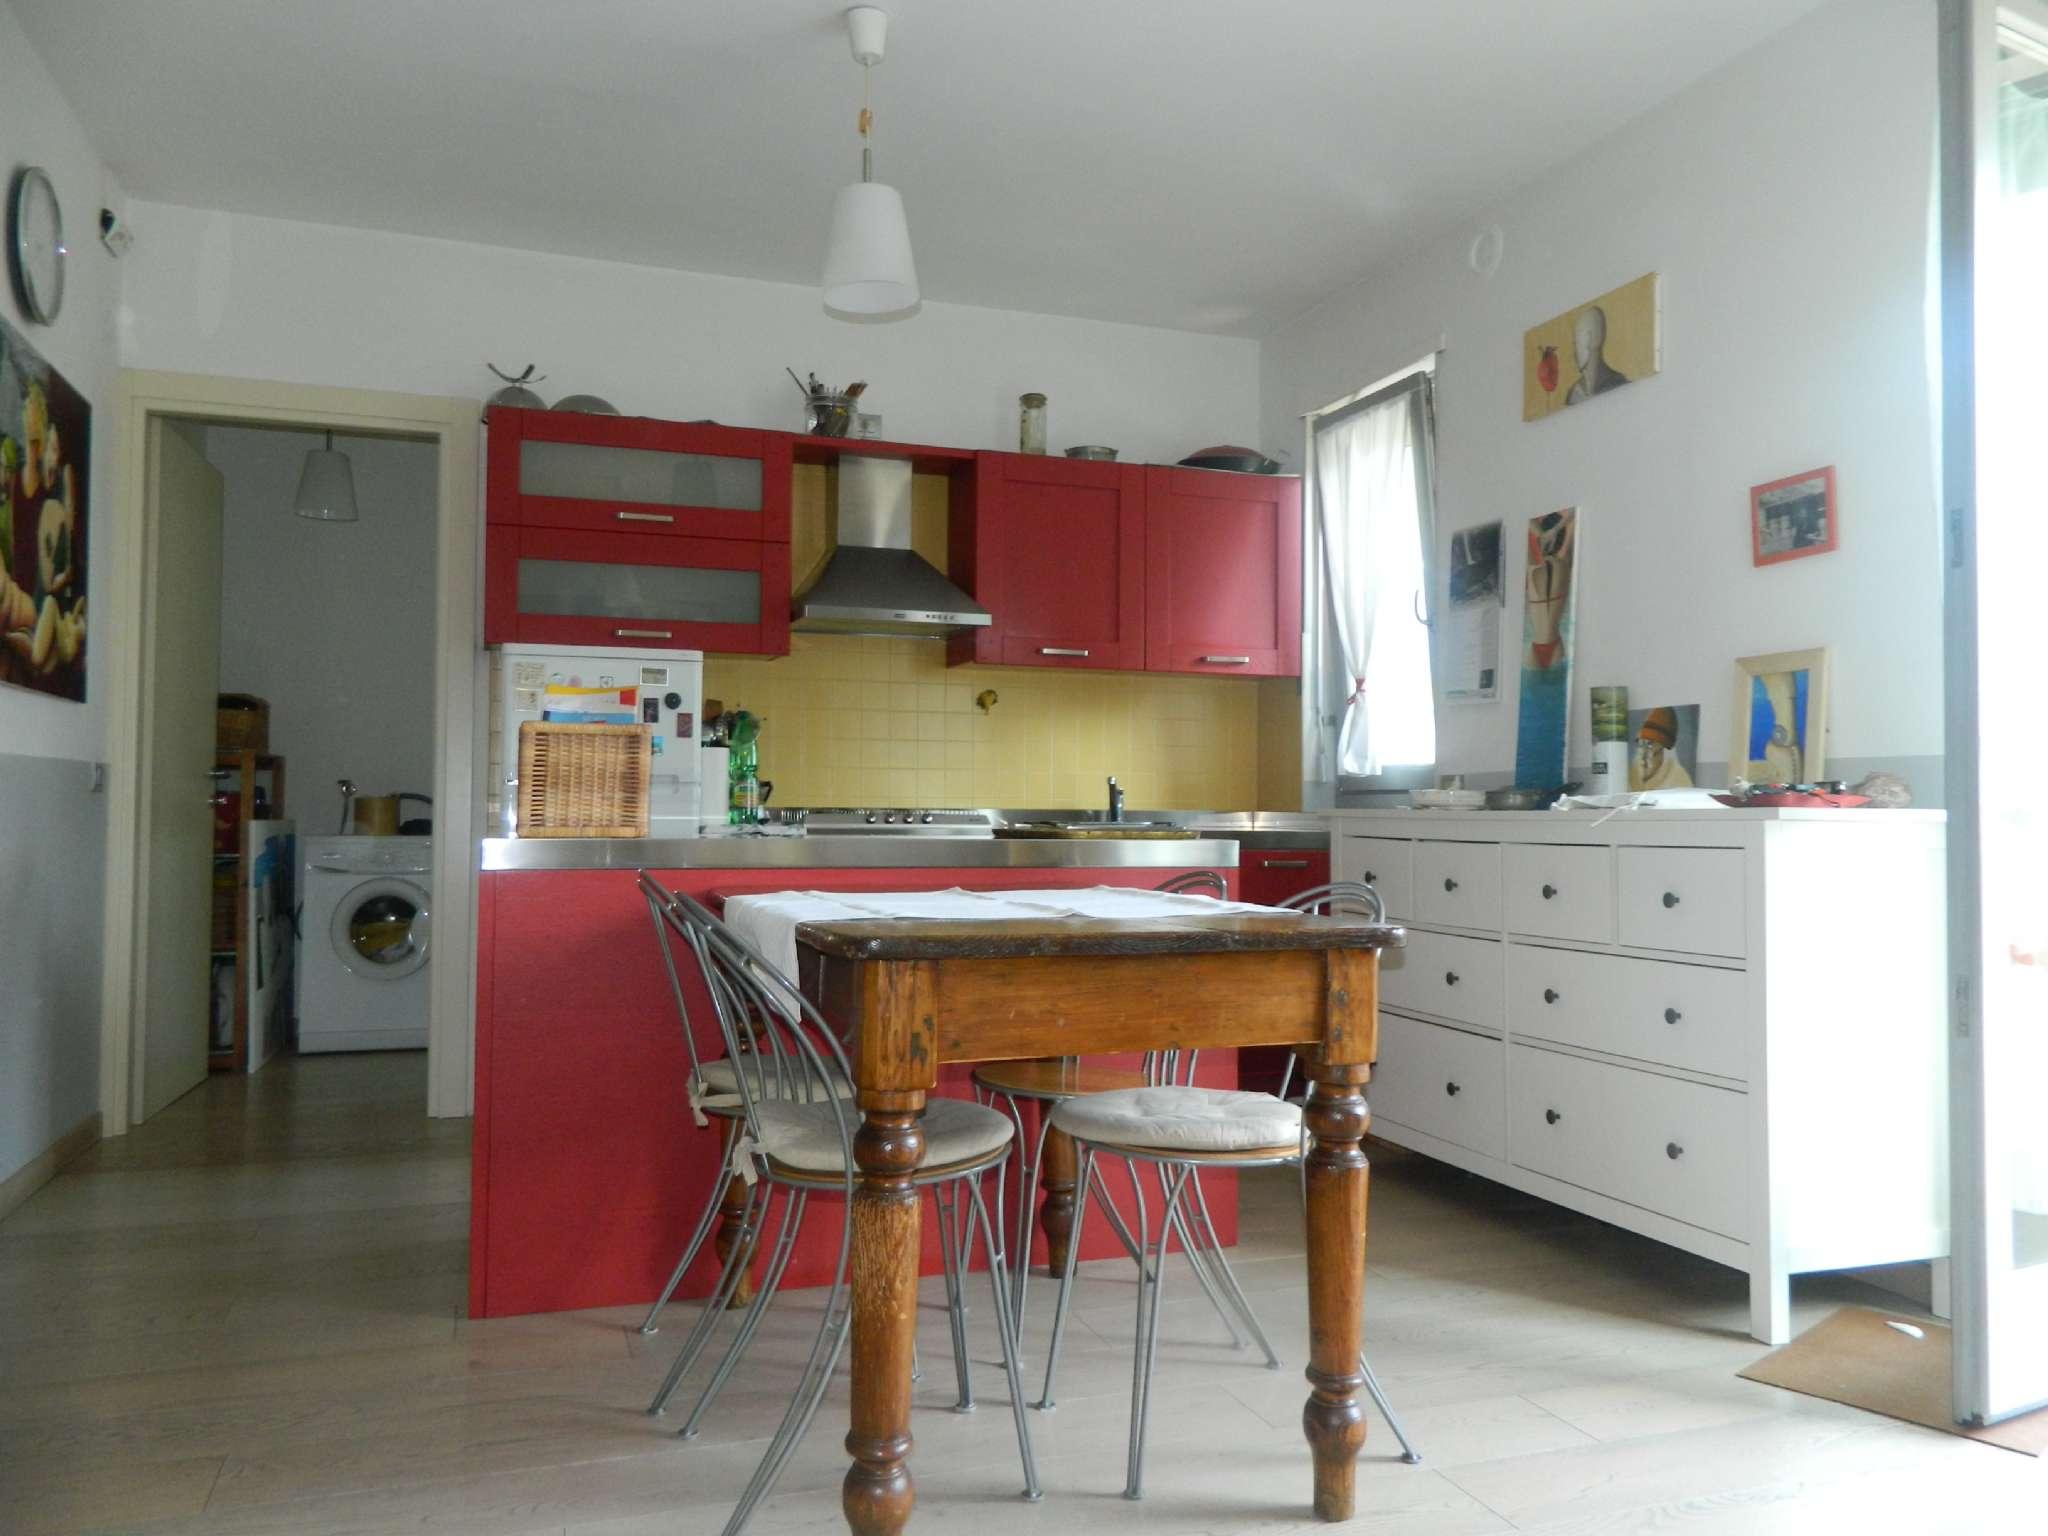 Appartamento in vendita a Montagna in Valtellina, 2 locali, prezzo € 140.000 | PortaleAgenzieImmobiliari.it